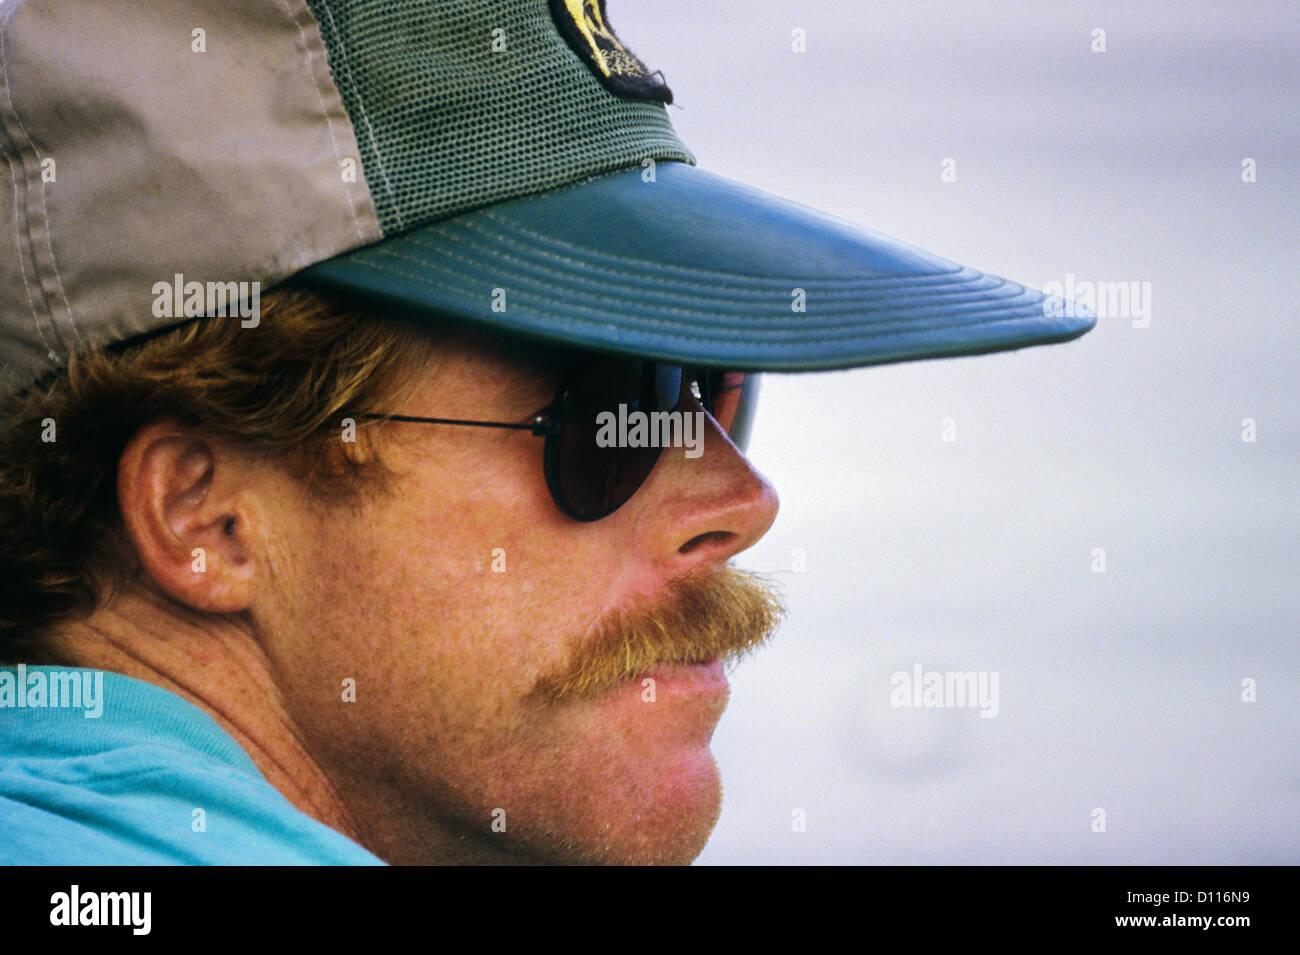 Portant Portrait Profil D'un Des 1980 De Homme Lunettes Soleil qCdPXw